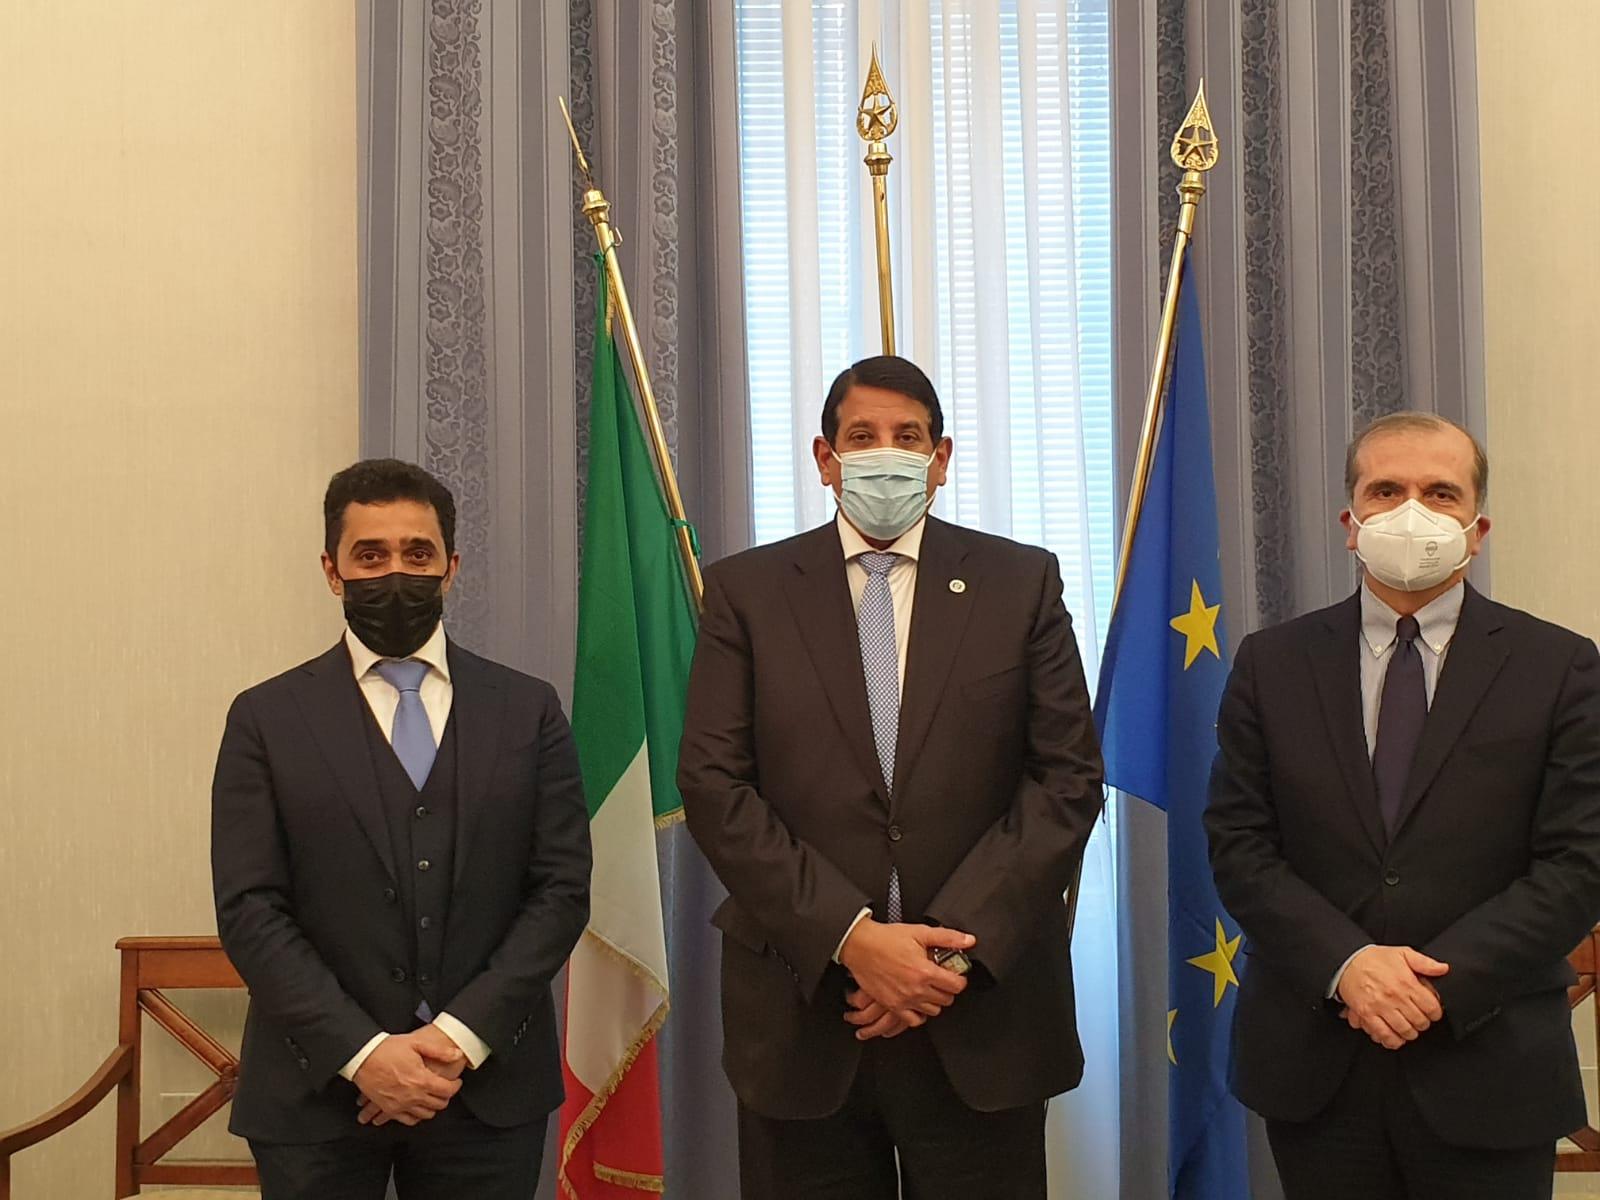 رسالة من رئيس مجلس الوزراء ووزير الداخلية لوزيرة الداخلية الإيطالية